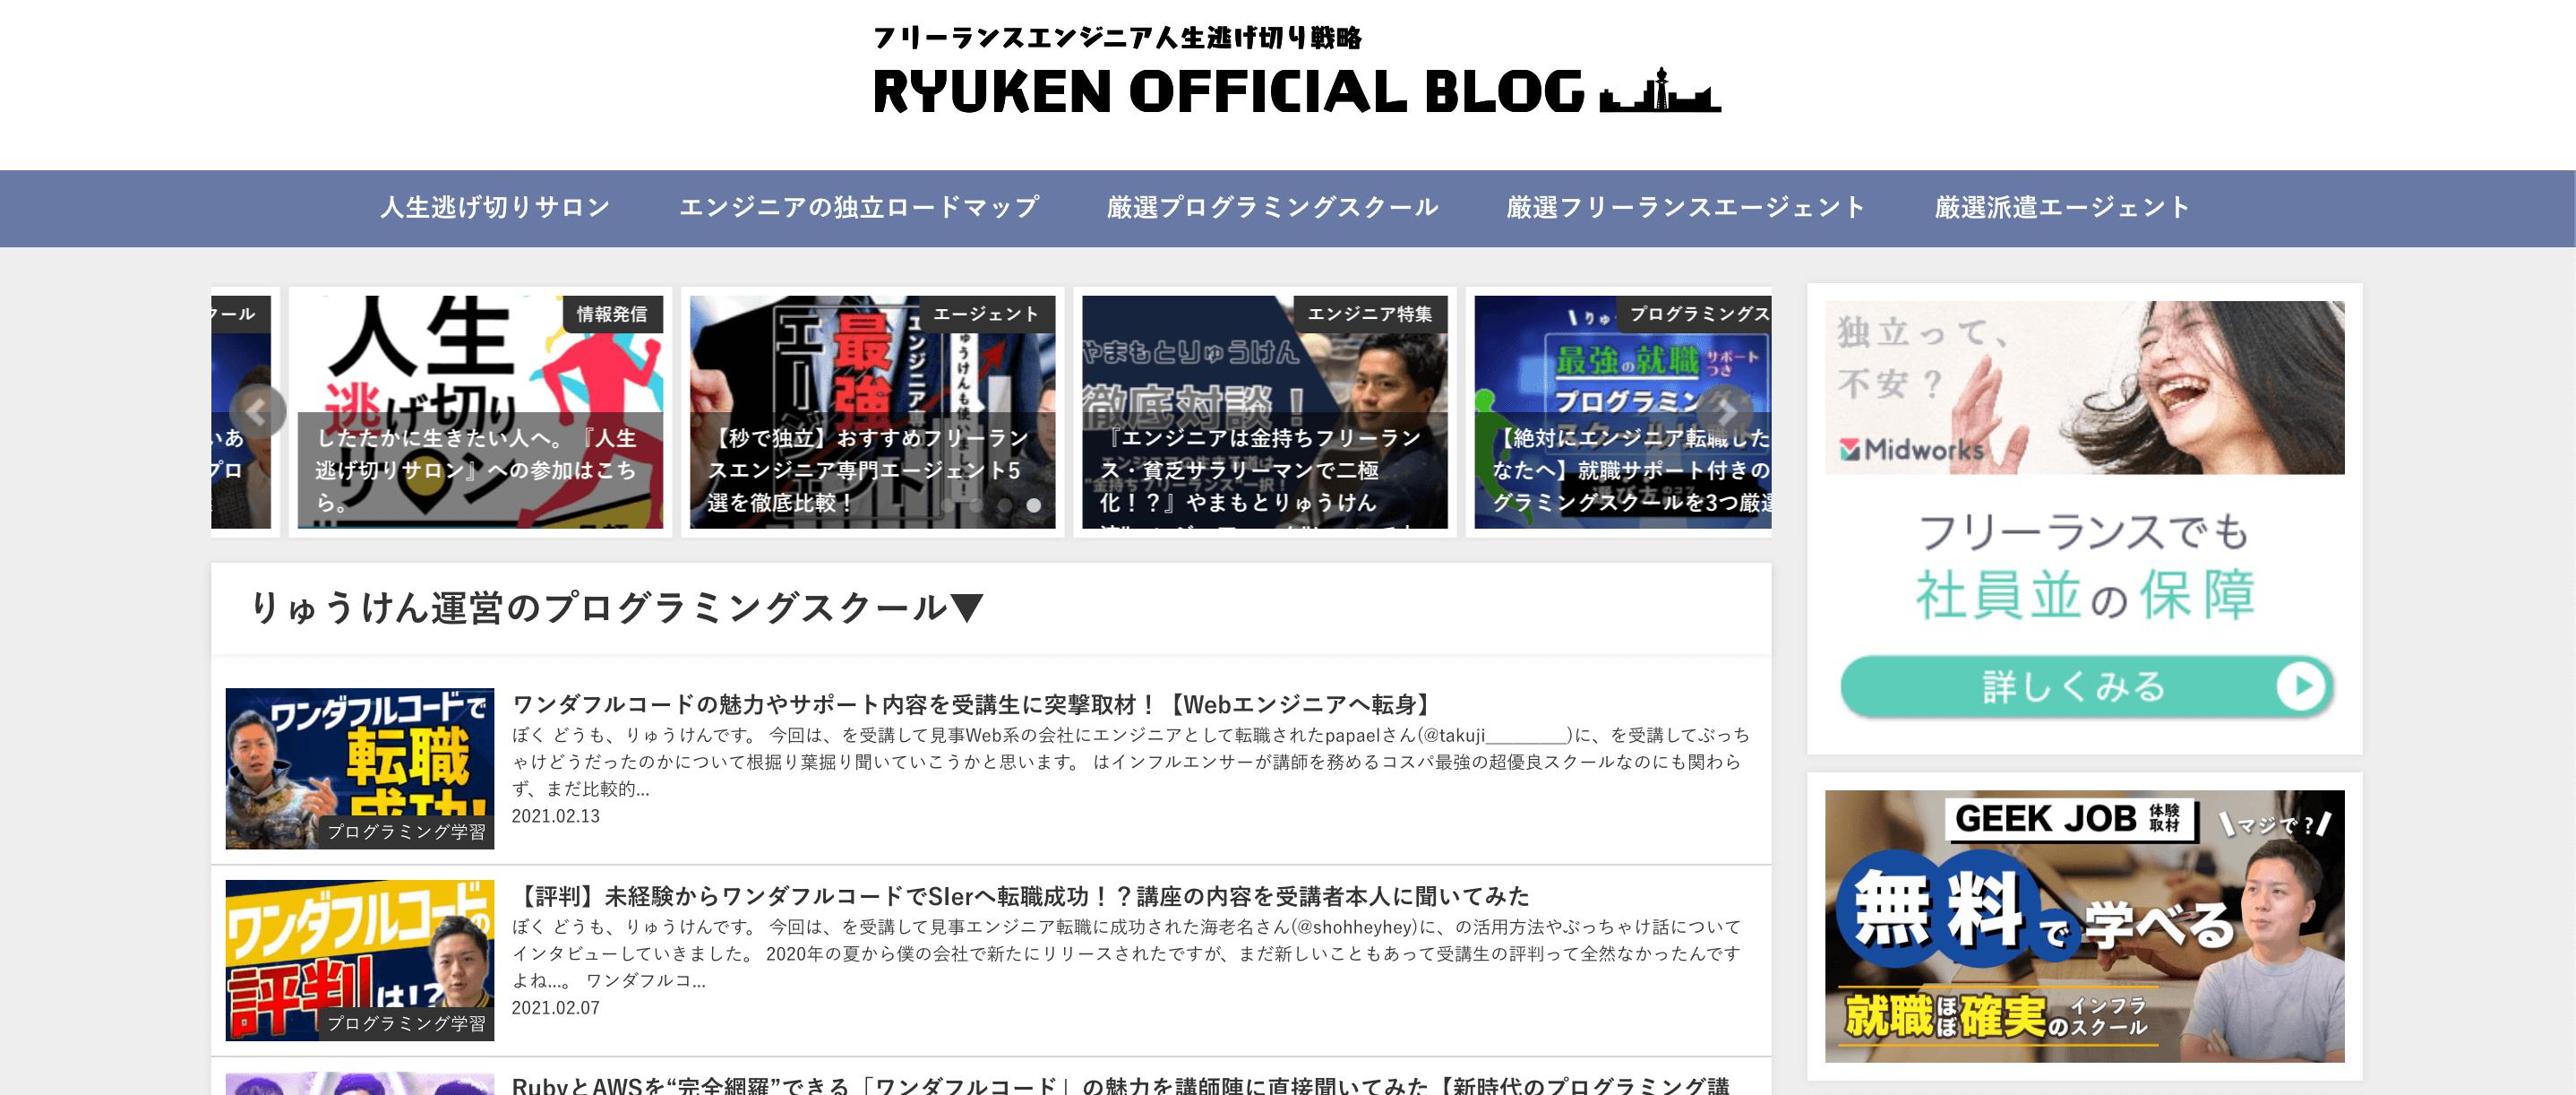 RYUKEN OFFICIAL BLOG